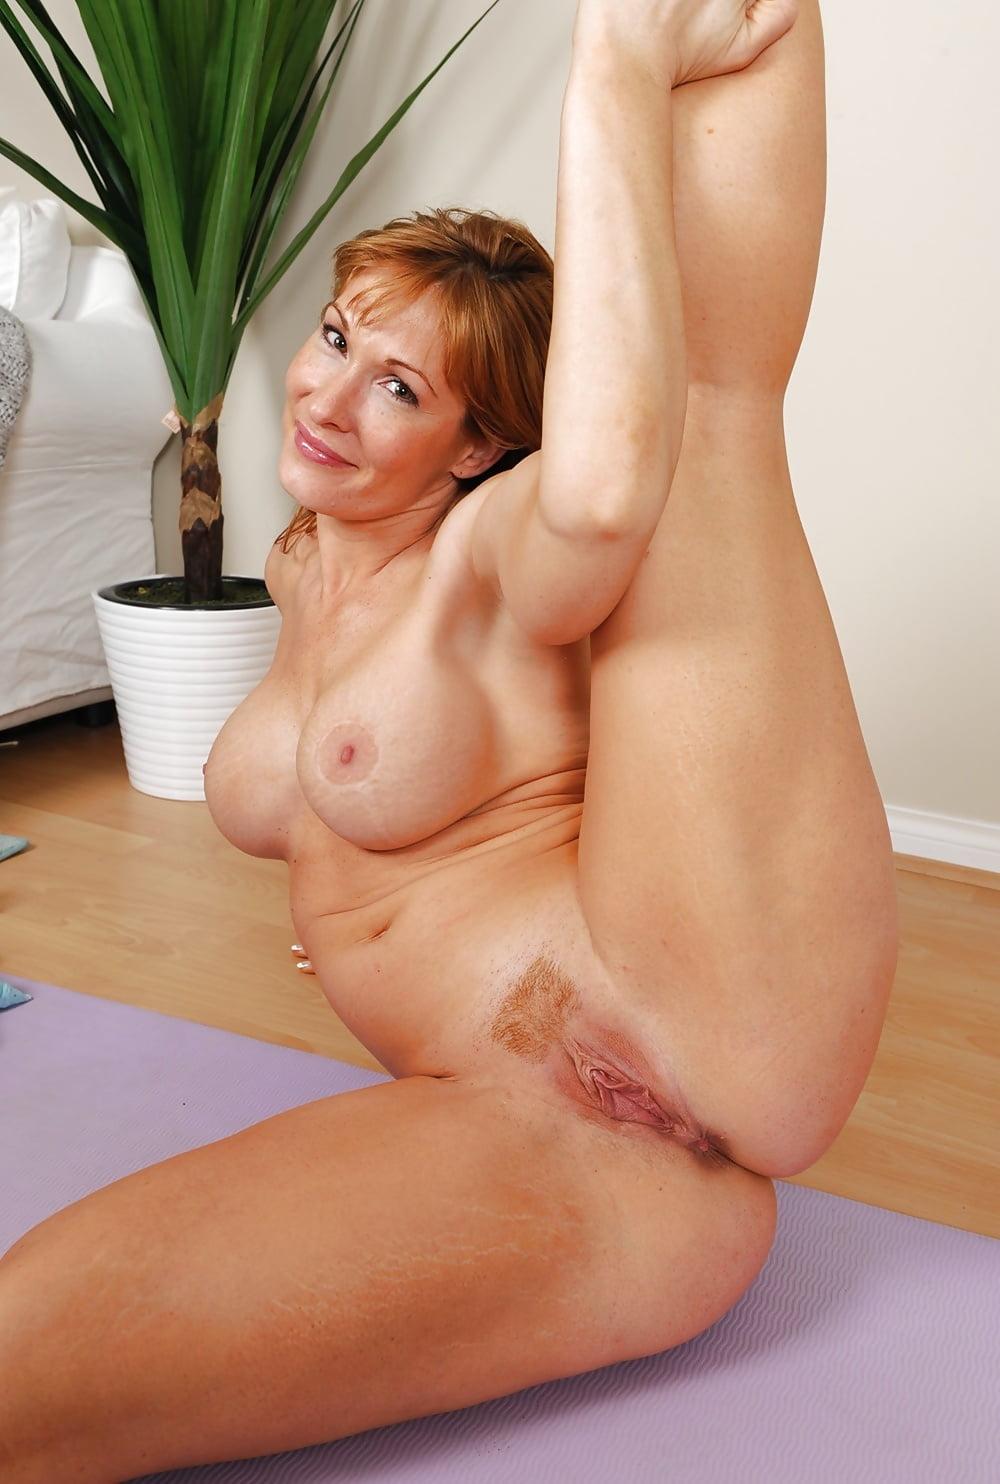 nude-sexy-amature-milf